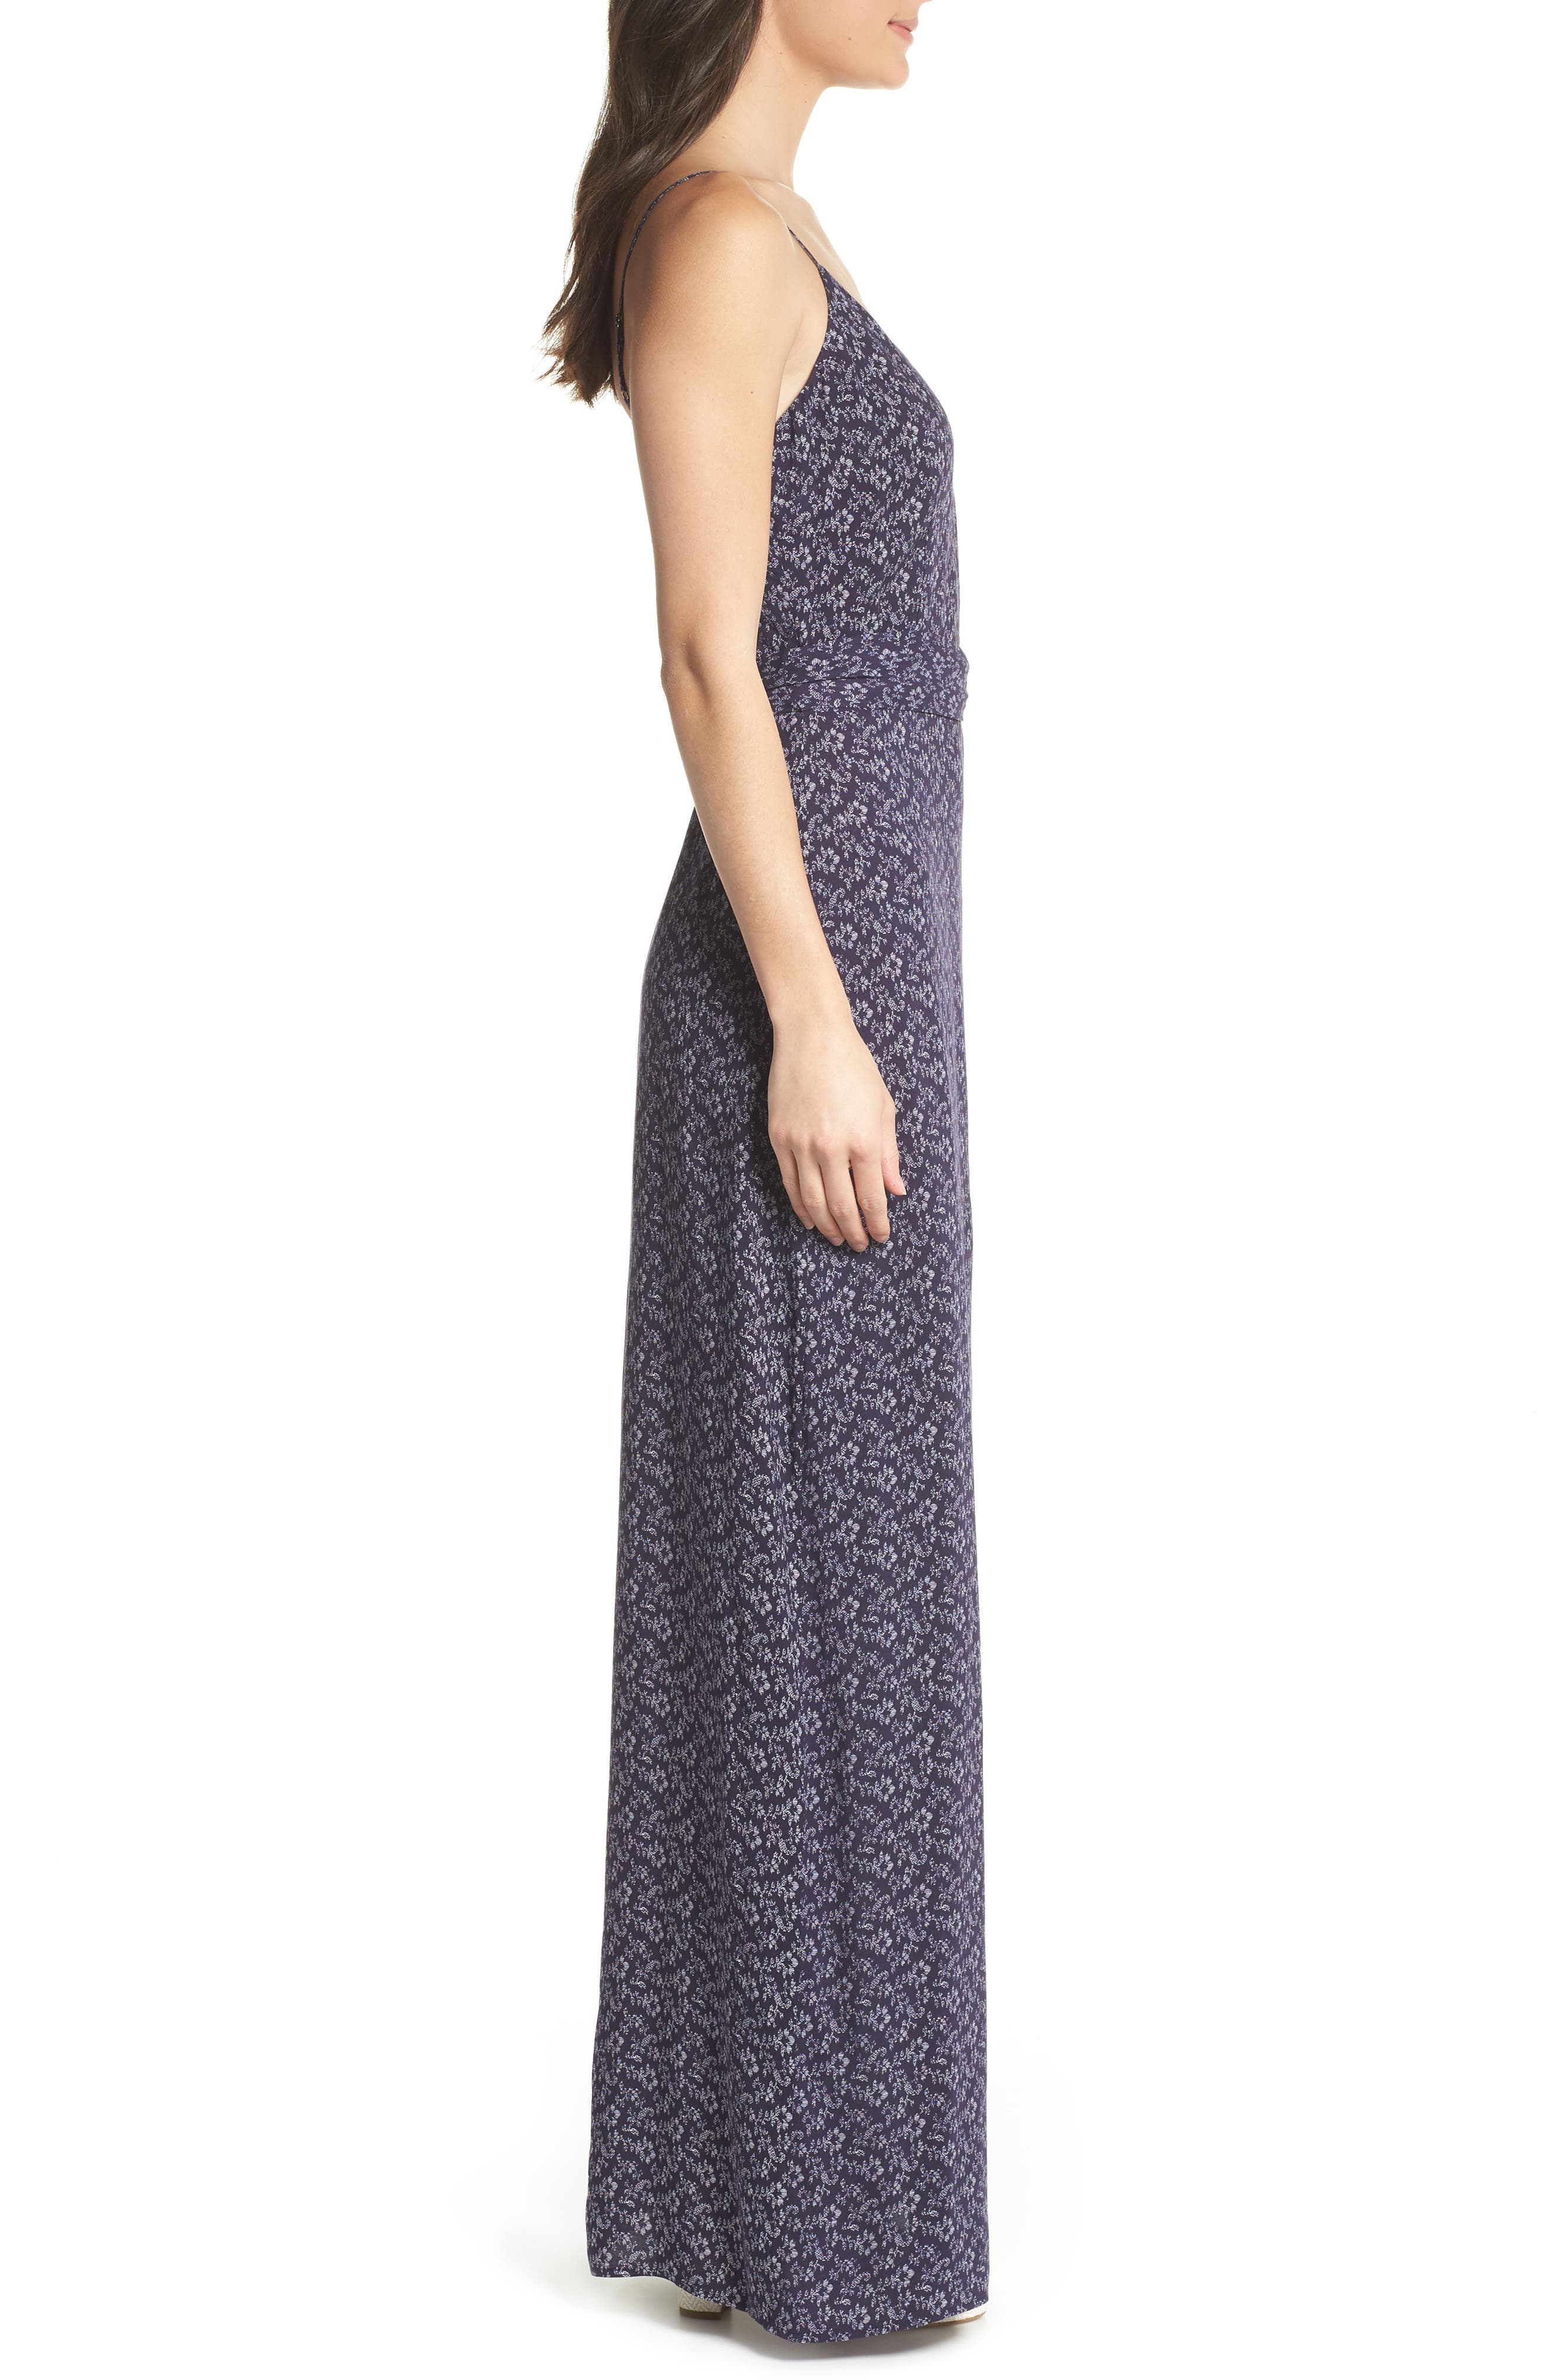 Regina Floral Print Maxi Dress,                             Alternate thumbnail 3, color,                             400